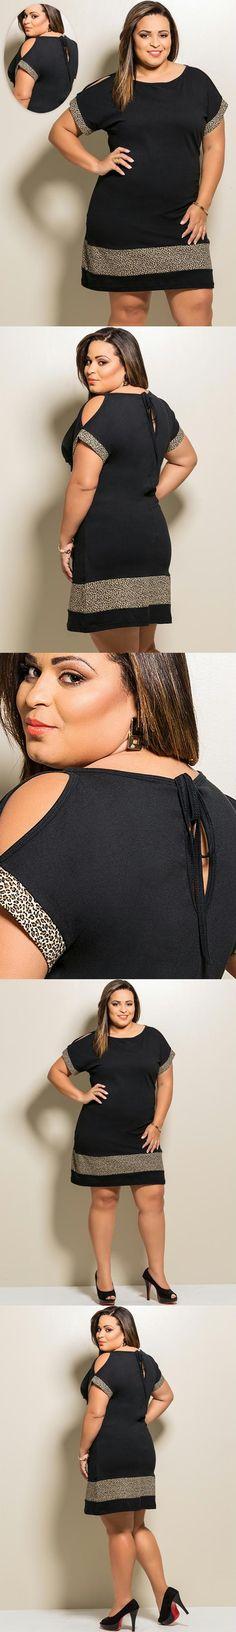 Marguerite - Vestido Preto com Estampa de Onça, confeccionada em malha de algodão. Manga curta com recorte no ombro. Detalhe de gota e recorte nas costas. Com recortes em estampa de oncinha. Comprimento: Básico.